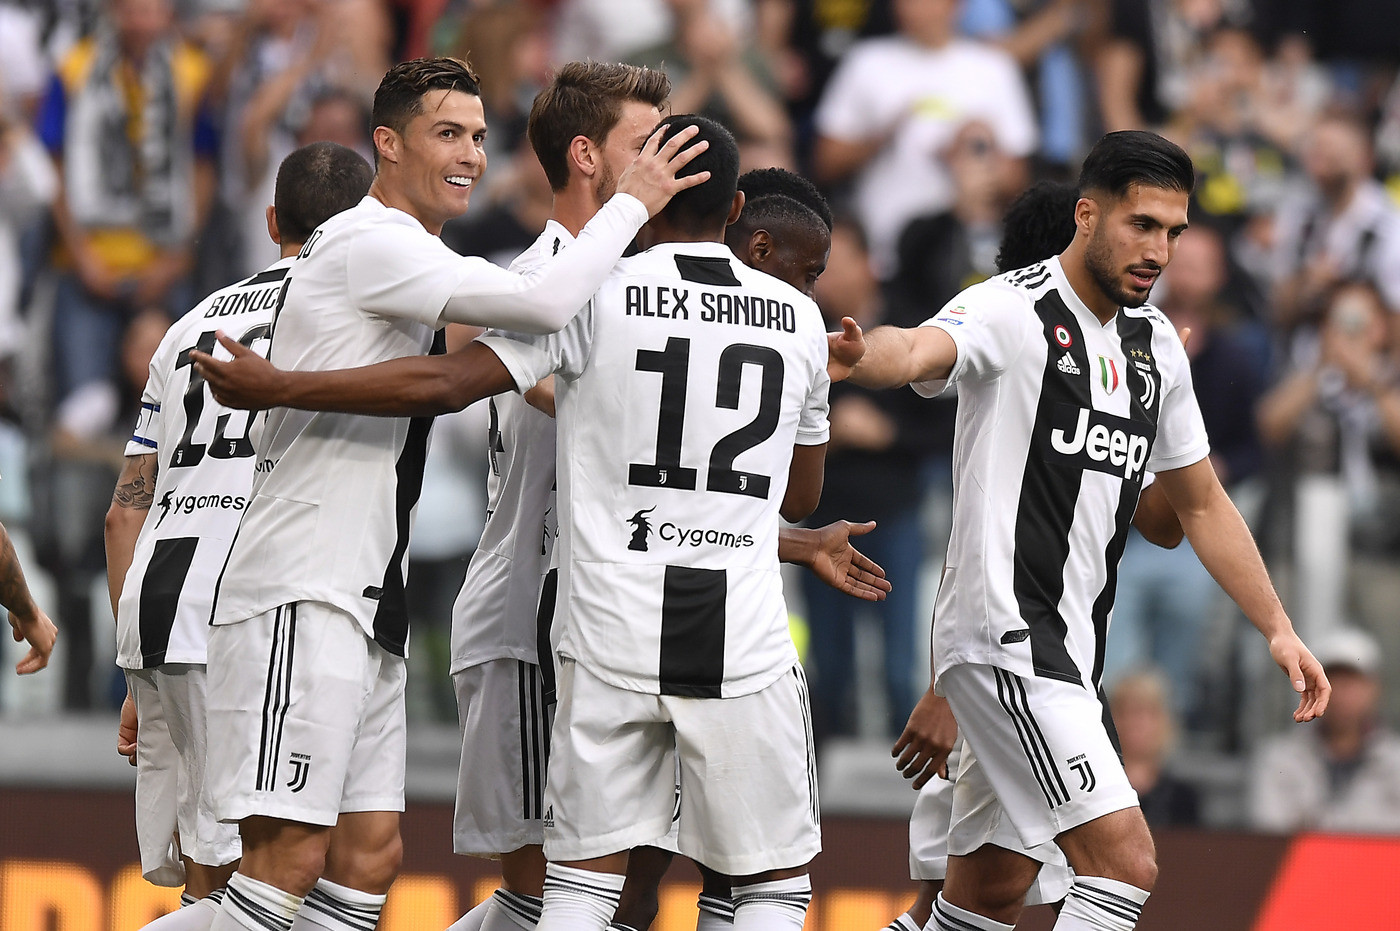 Serie A, ottavo scudetto di fila per la Juventus: i bianconeri vincono 2-1 contro la Fiorentina